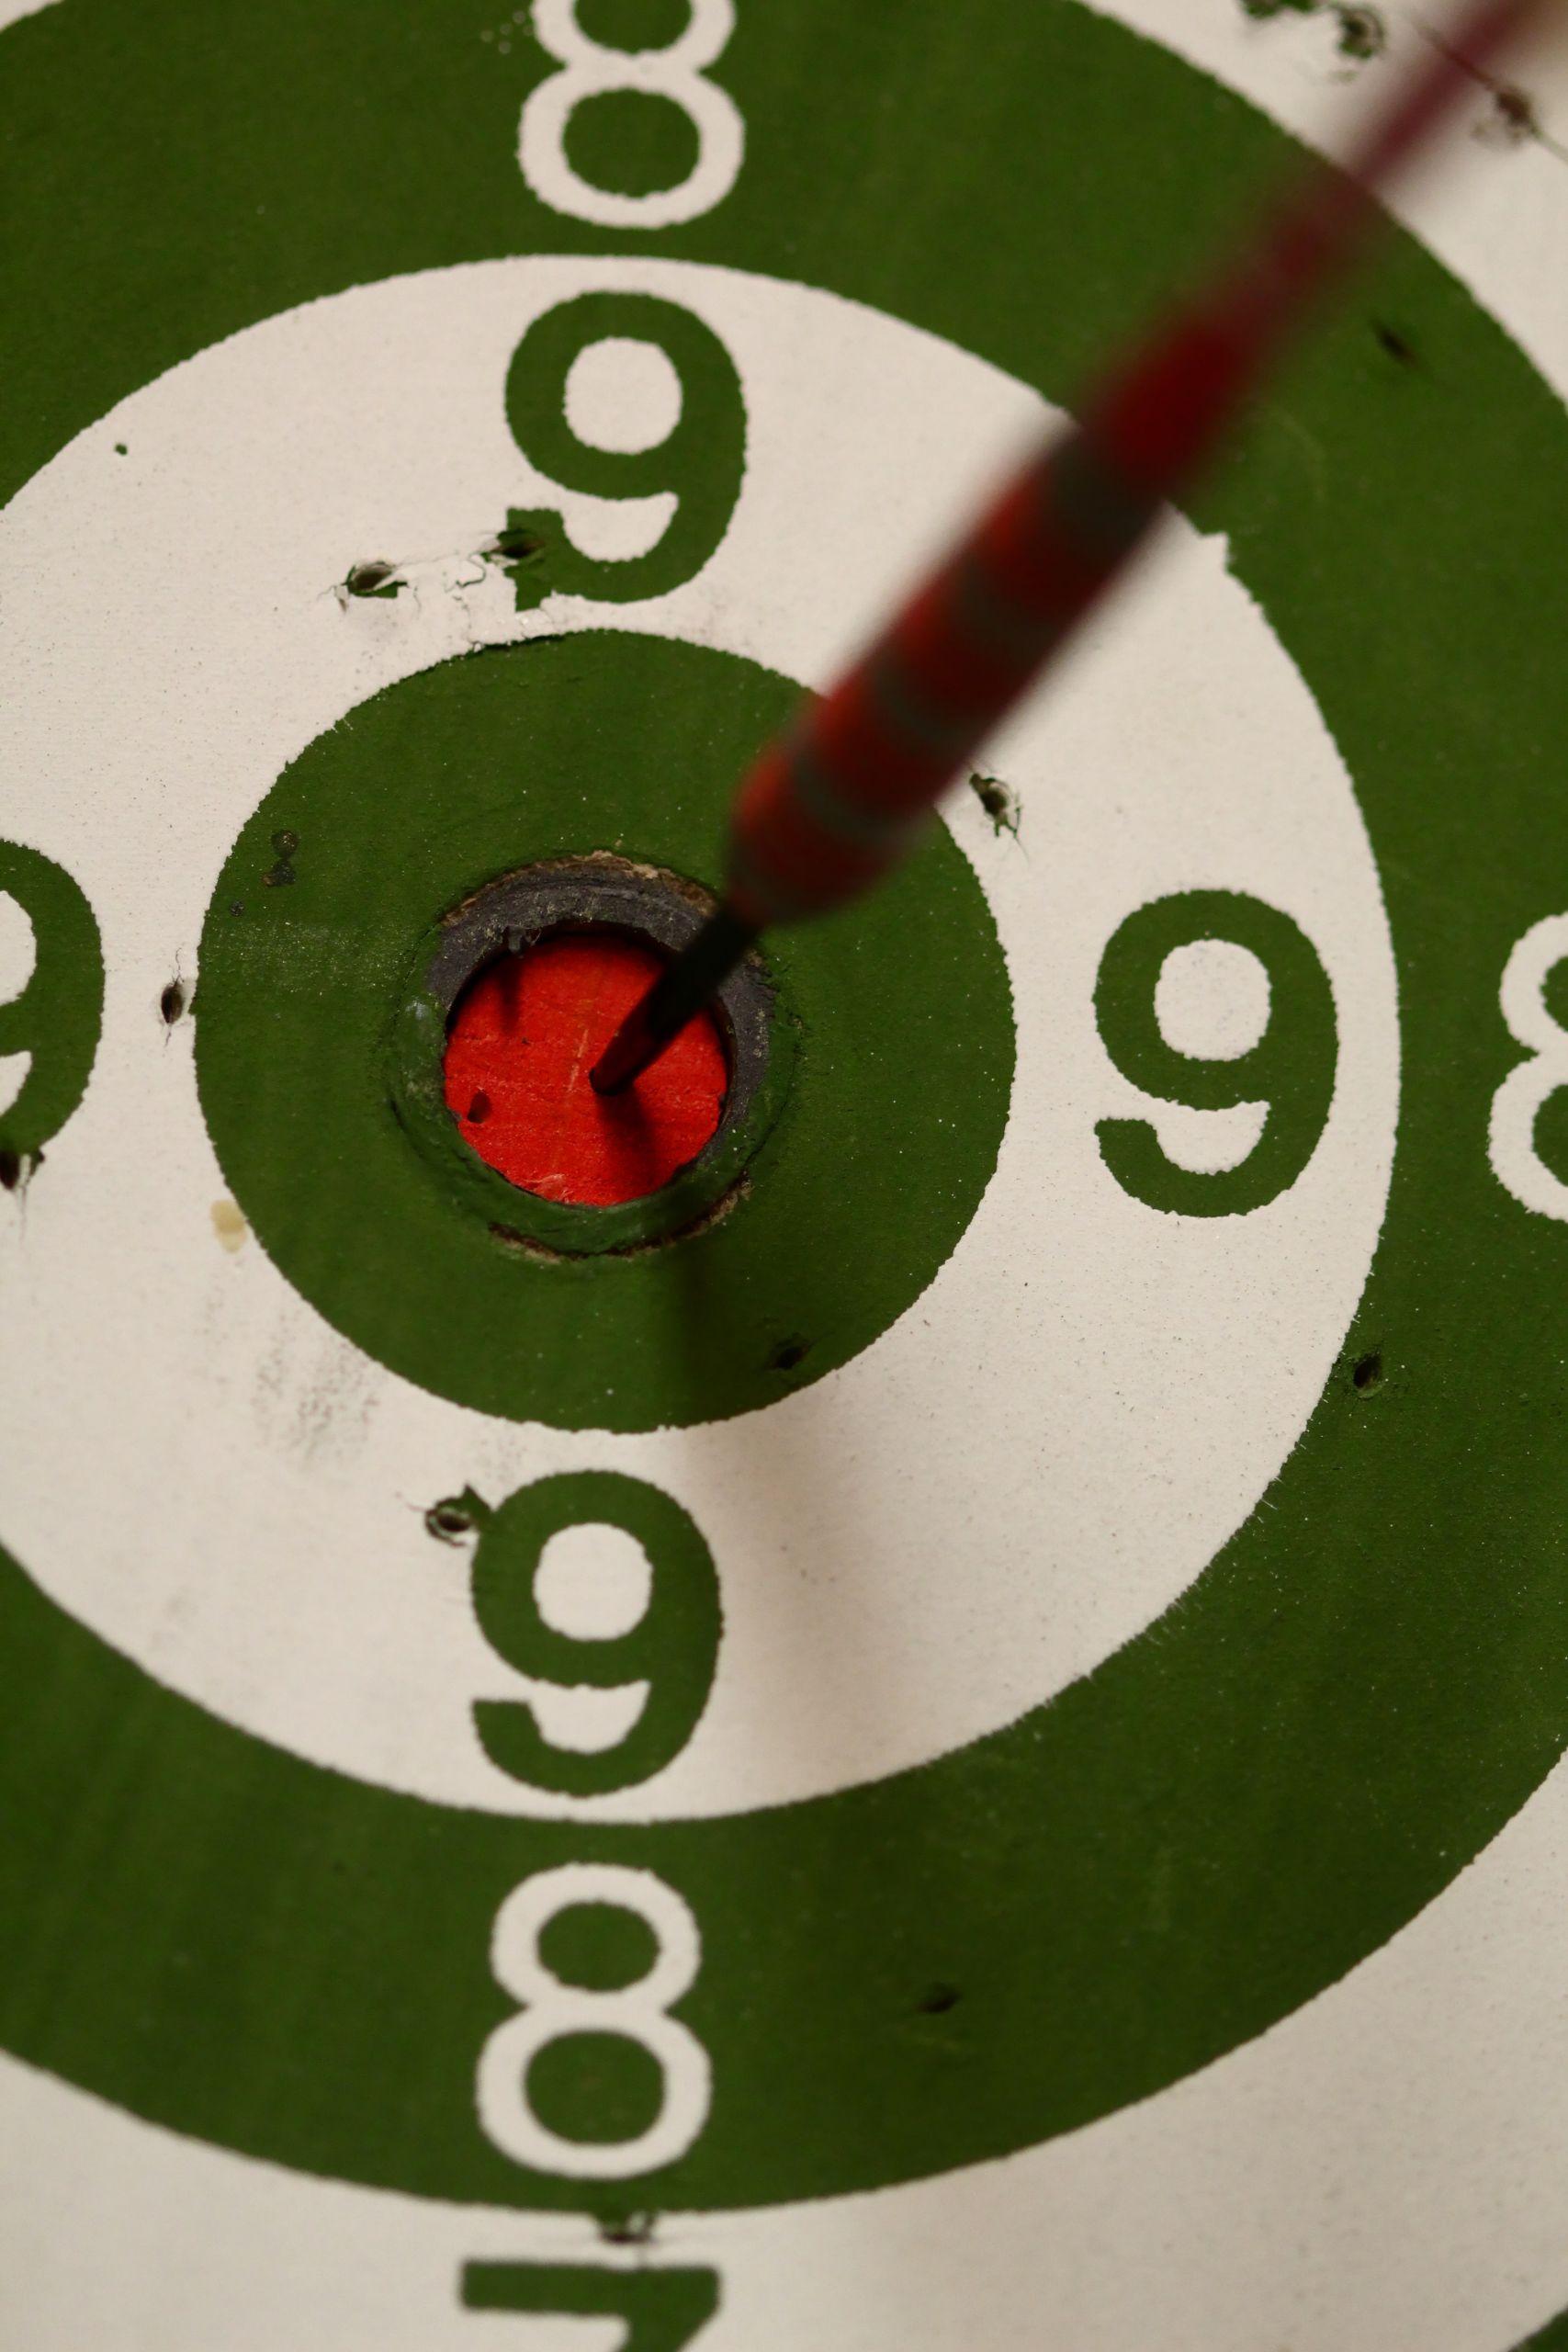 Zielscheibe als Sinnbild für Zielorientierung